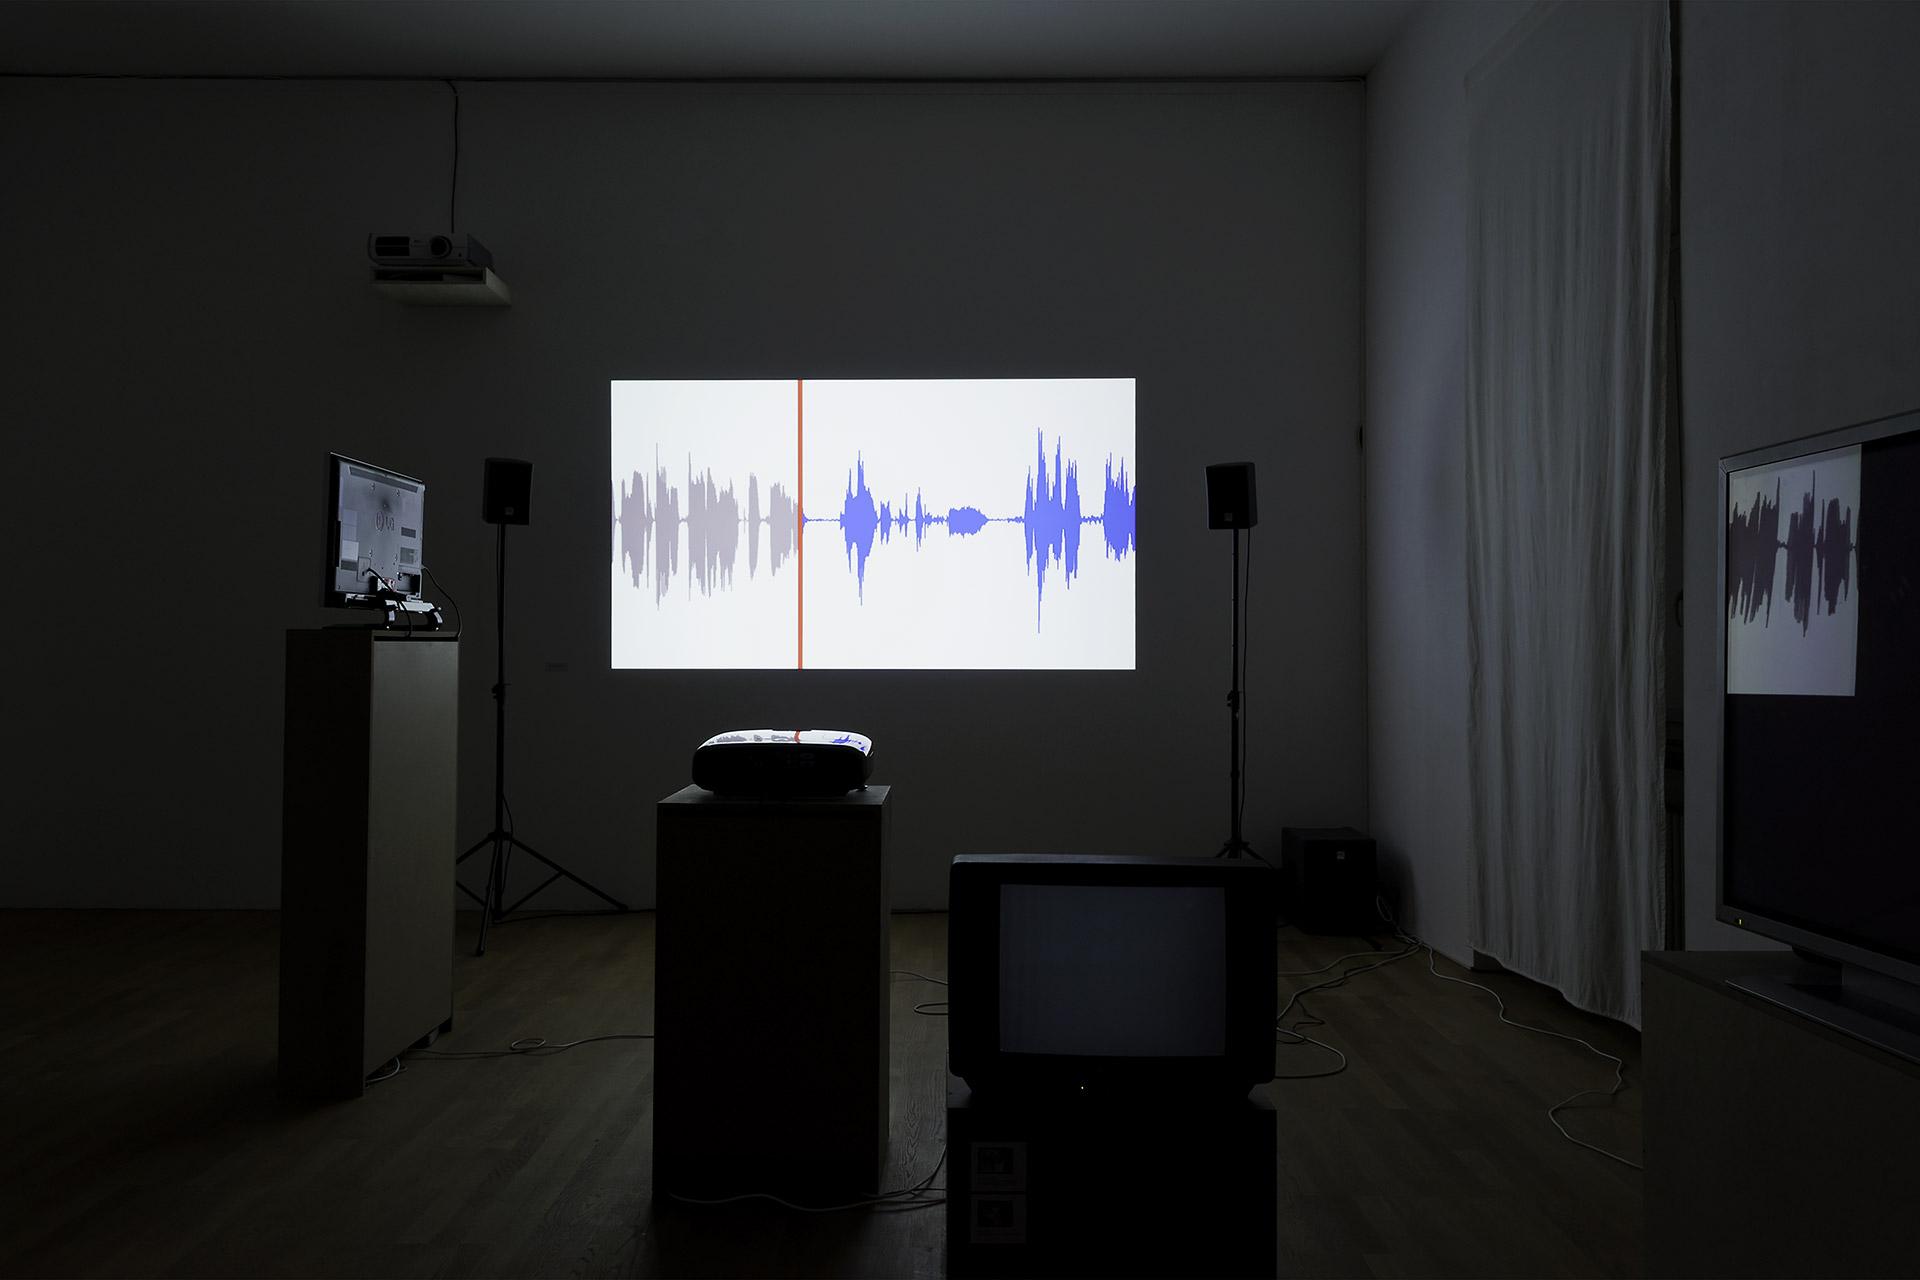 Radio-Stadtfilter-Kunsthalle-Winterthur-2012-3.jpg